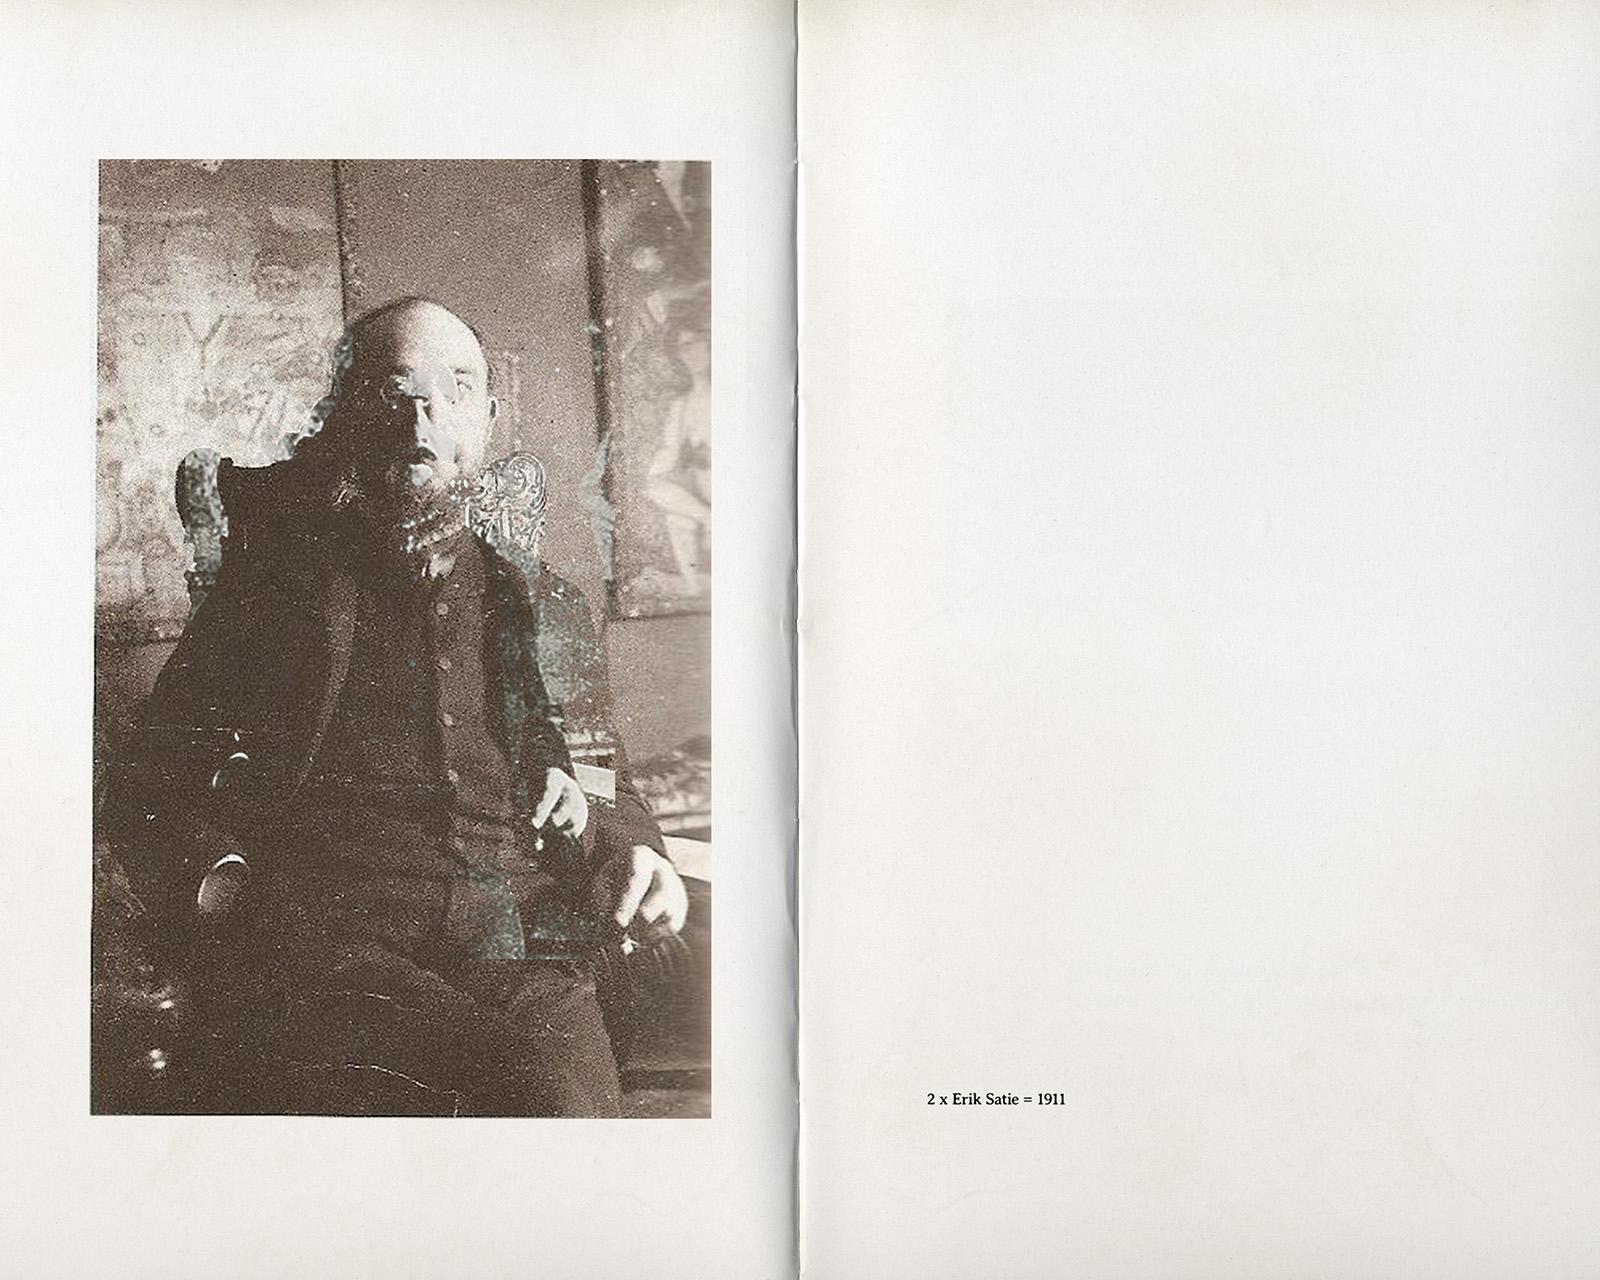 2xErikSatie_1911-web